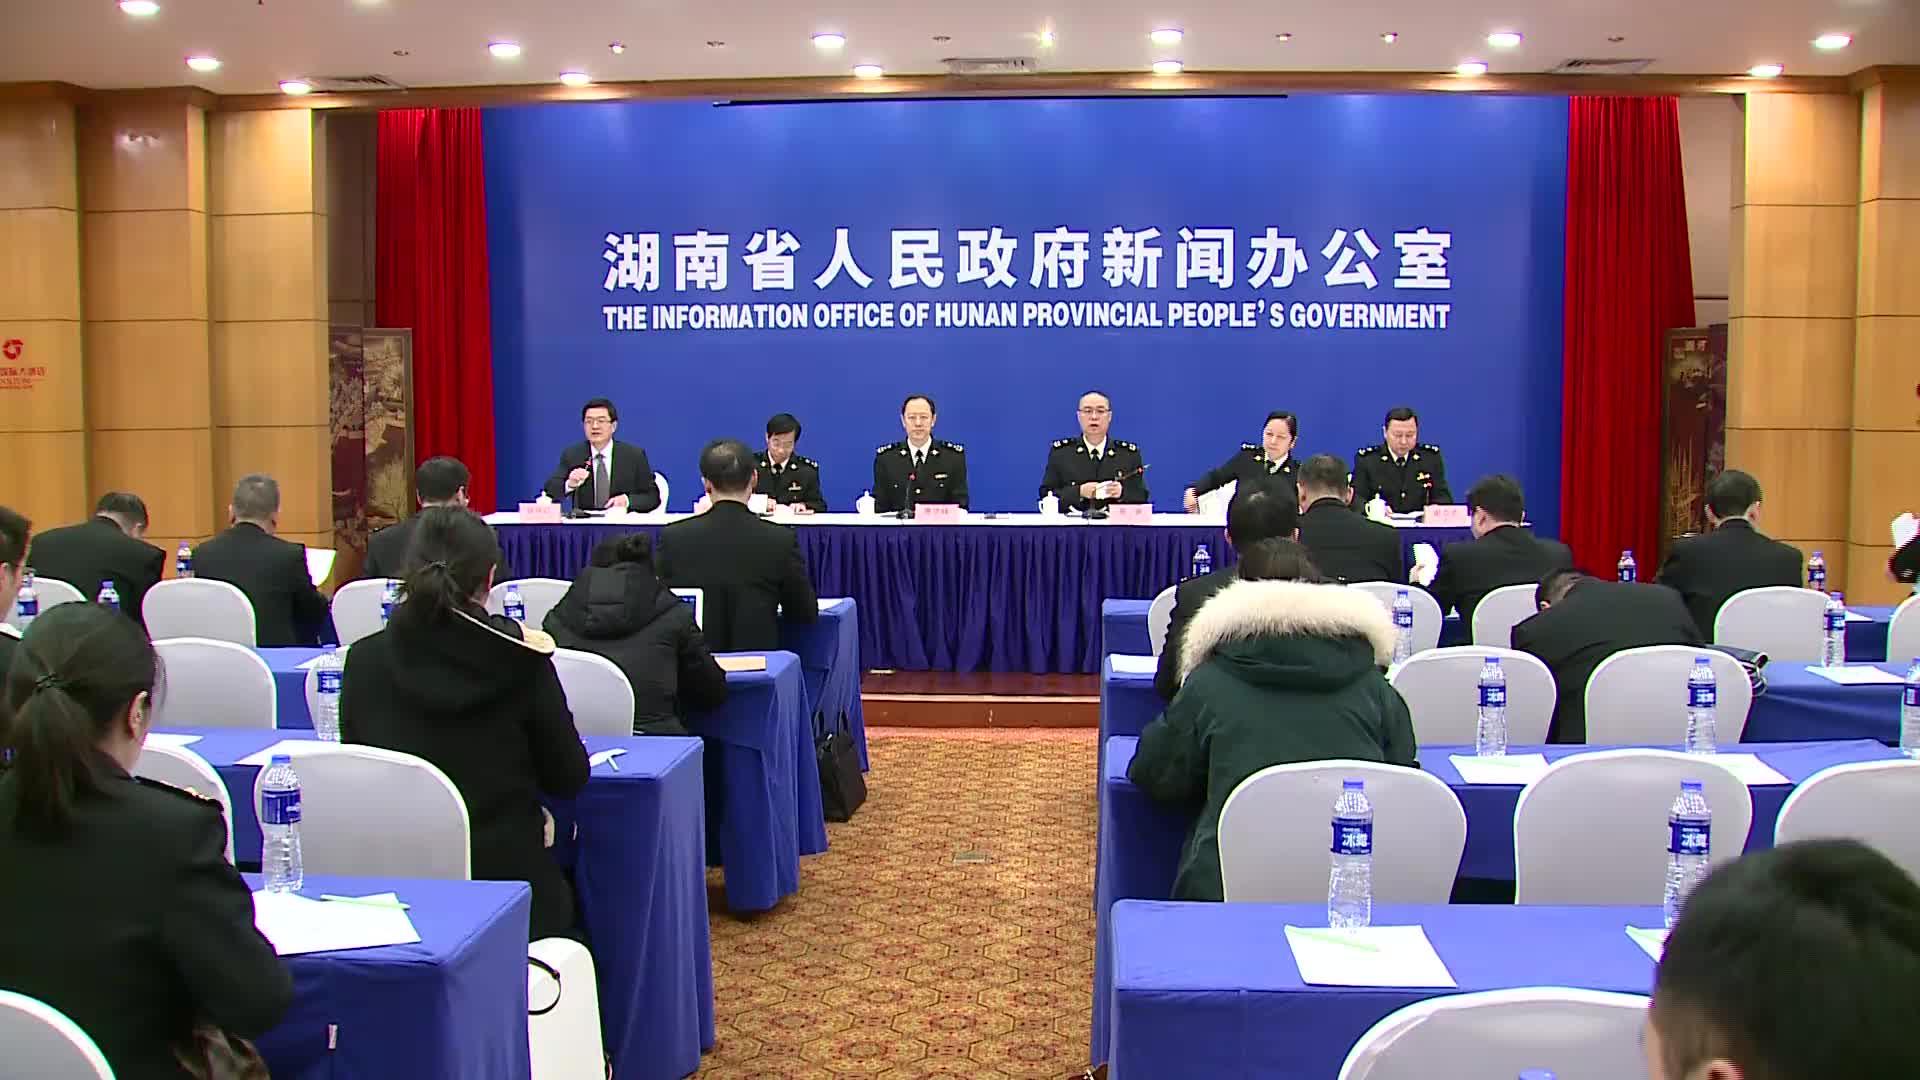 【全程回放】2019年国家关税政策最新调整变化情况及对湖南的影响情况新闻发布会